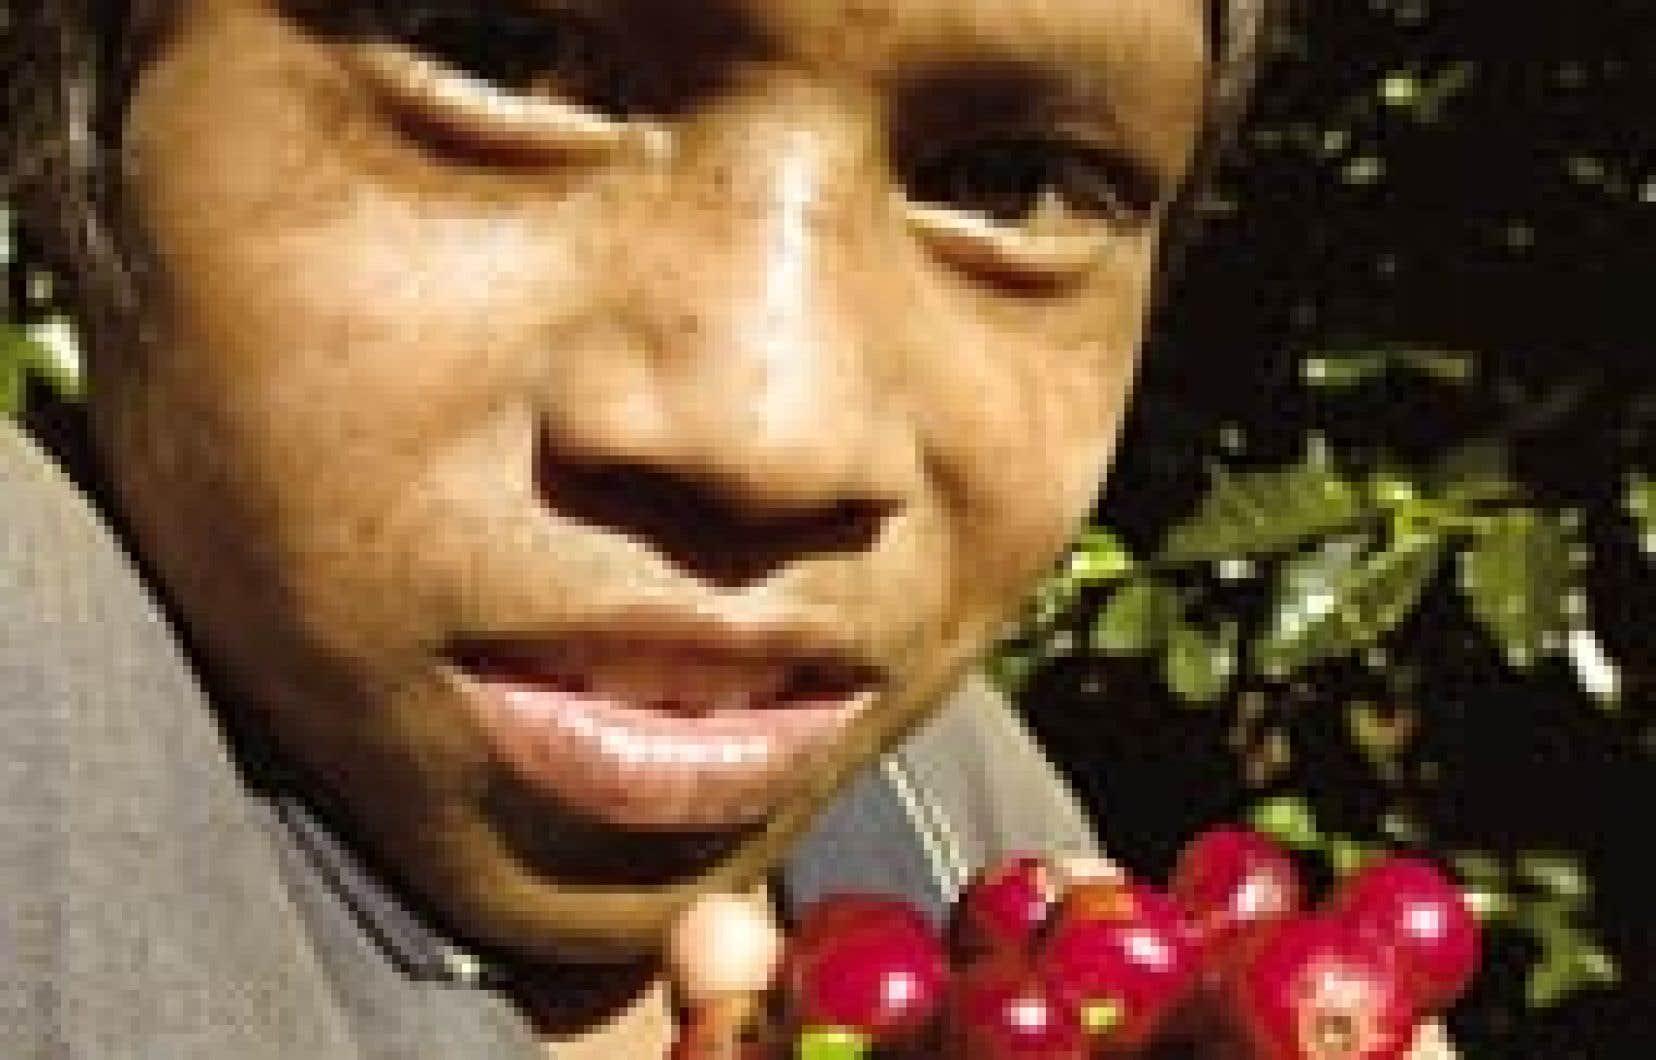 Quelque 350 millions d'enfants travaillent à travers le monde, selon l'Organisation internationale du travail (OIT). Près de 250 millions sont astreints à des tâches occupant la totalité ou la majeure partie du temps qu'ils pourraient passer e